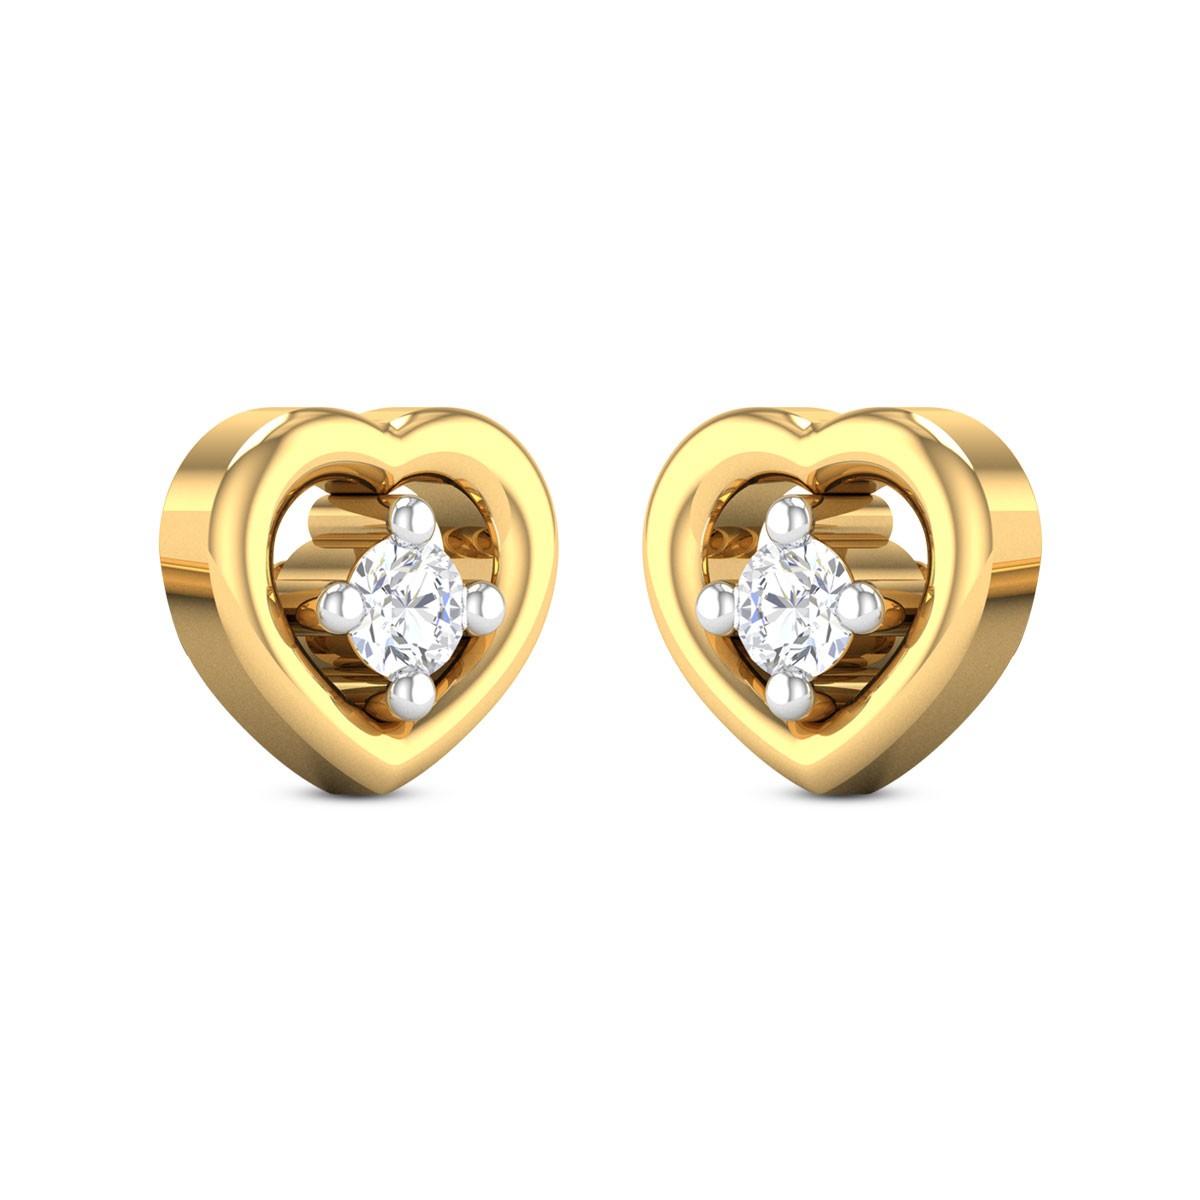 Natalie Heart Diamond Earrings